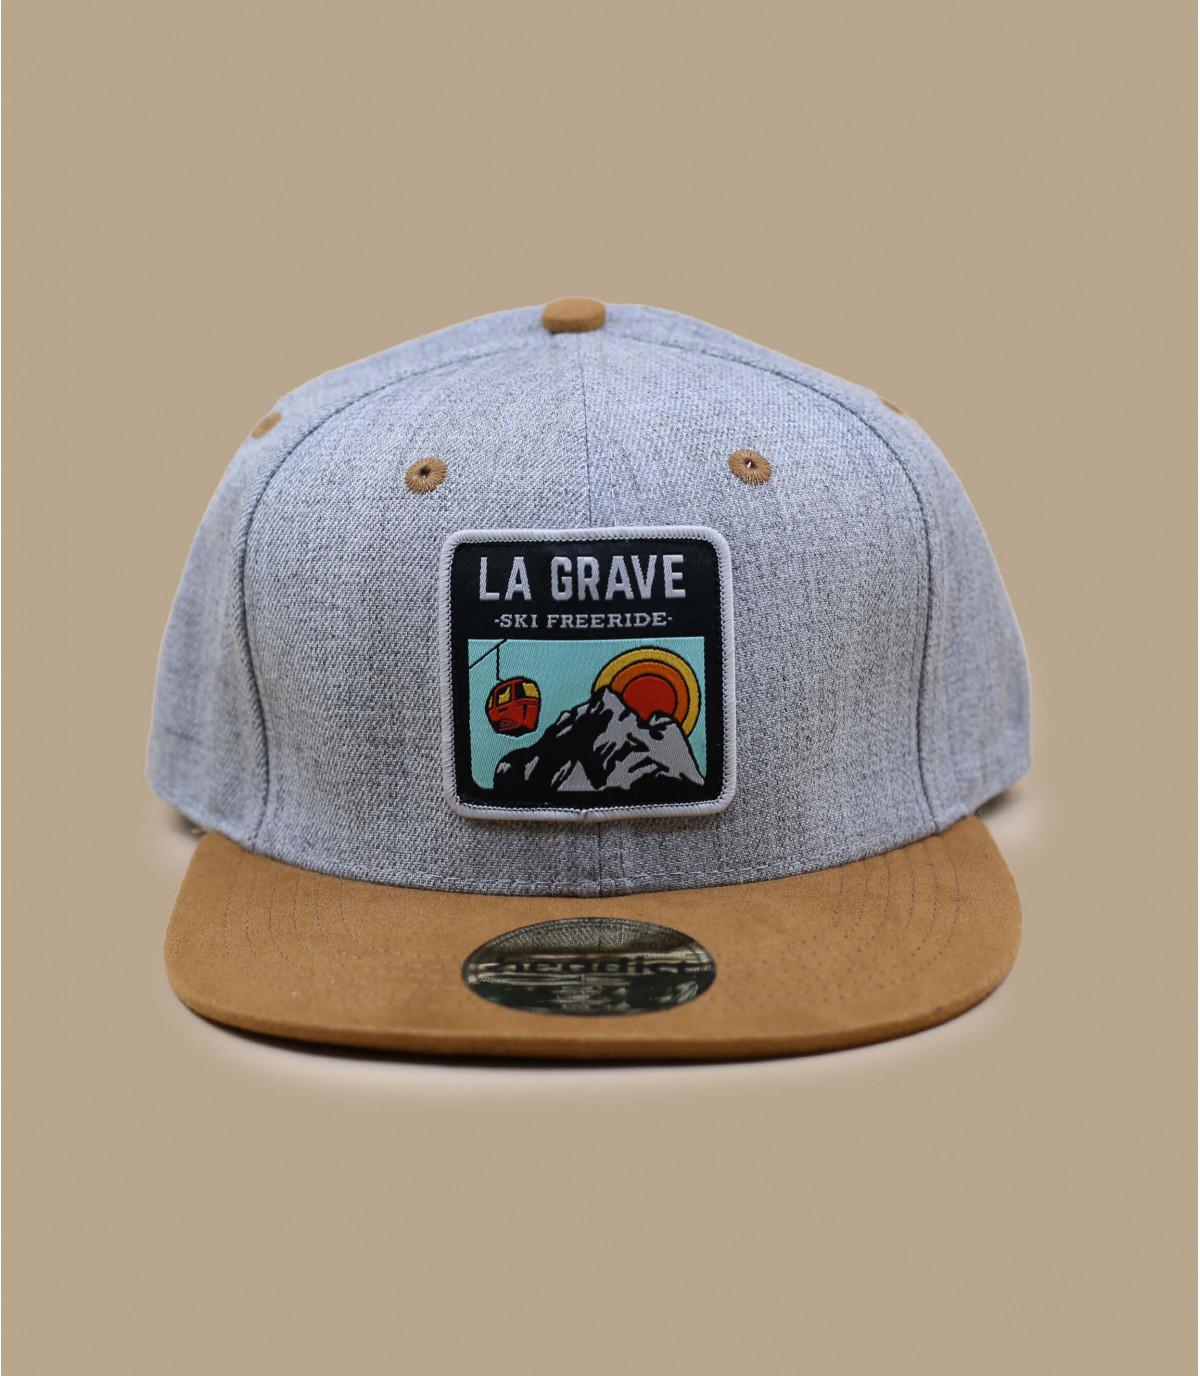 Dettagli Snapback La Grave grey suede - image 2